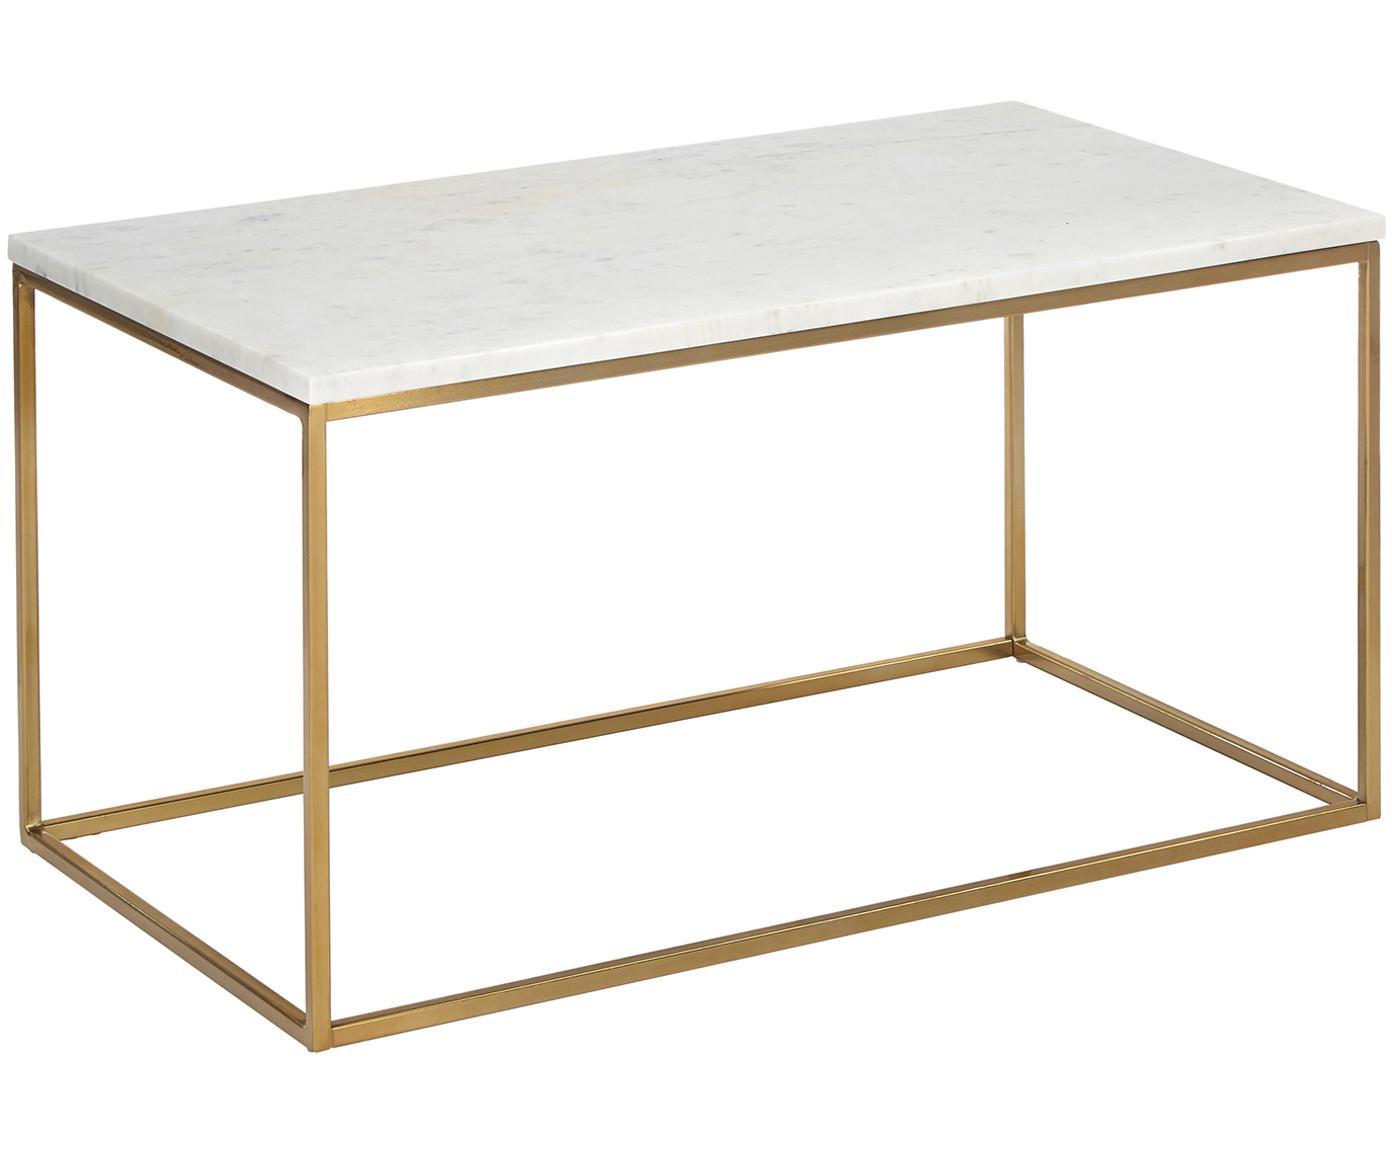 Marmor-Couchtisch Alys, Tischplatte: Marmor, Gestell: Metall, pulverbeschichtet, Tischplatte: Weiß-grauer MarmorGestell: Goldfarben, glänzend, 80 x 45 cm